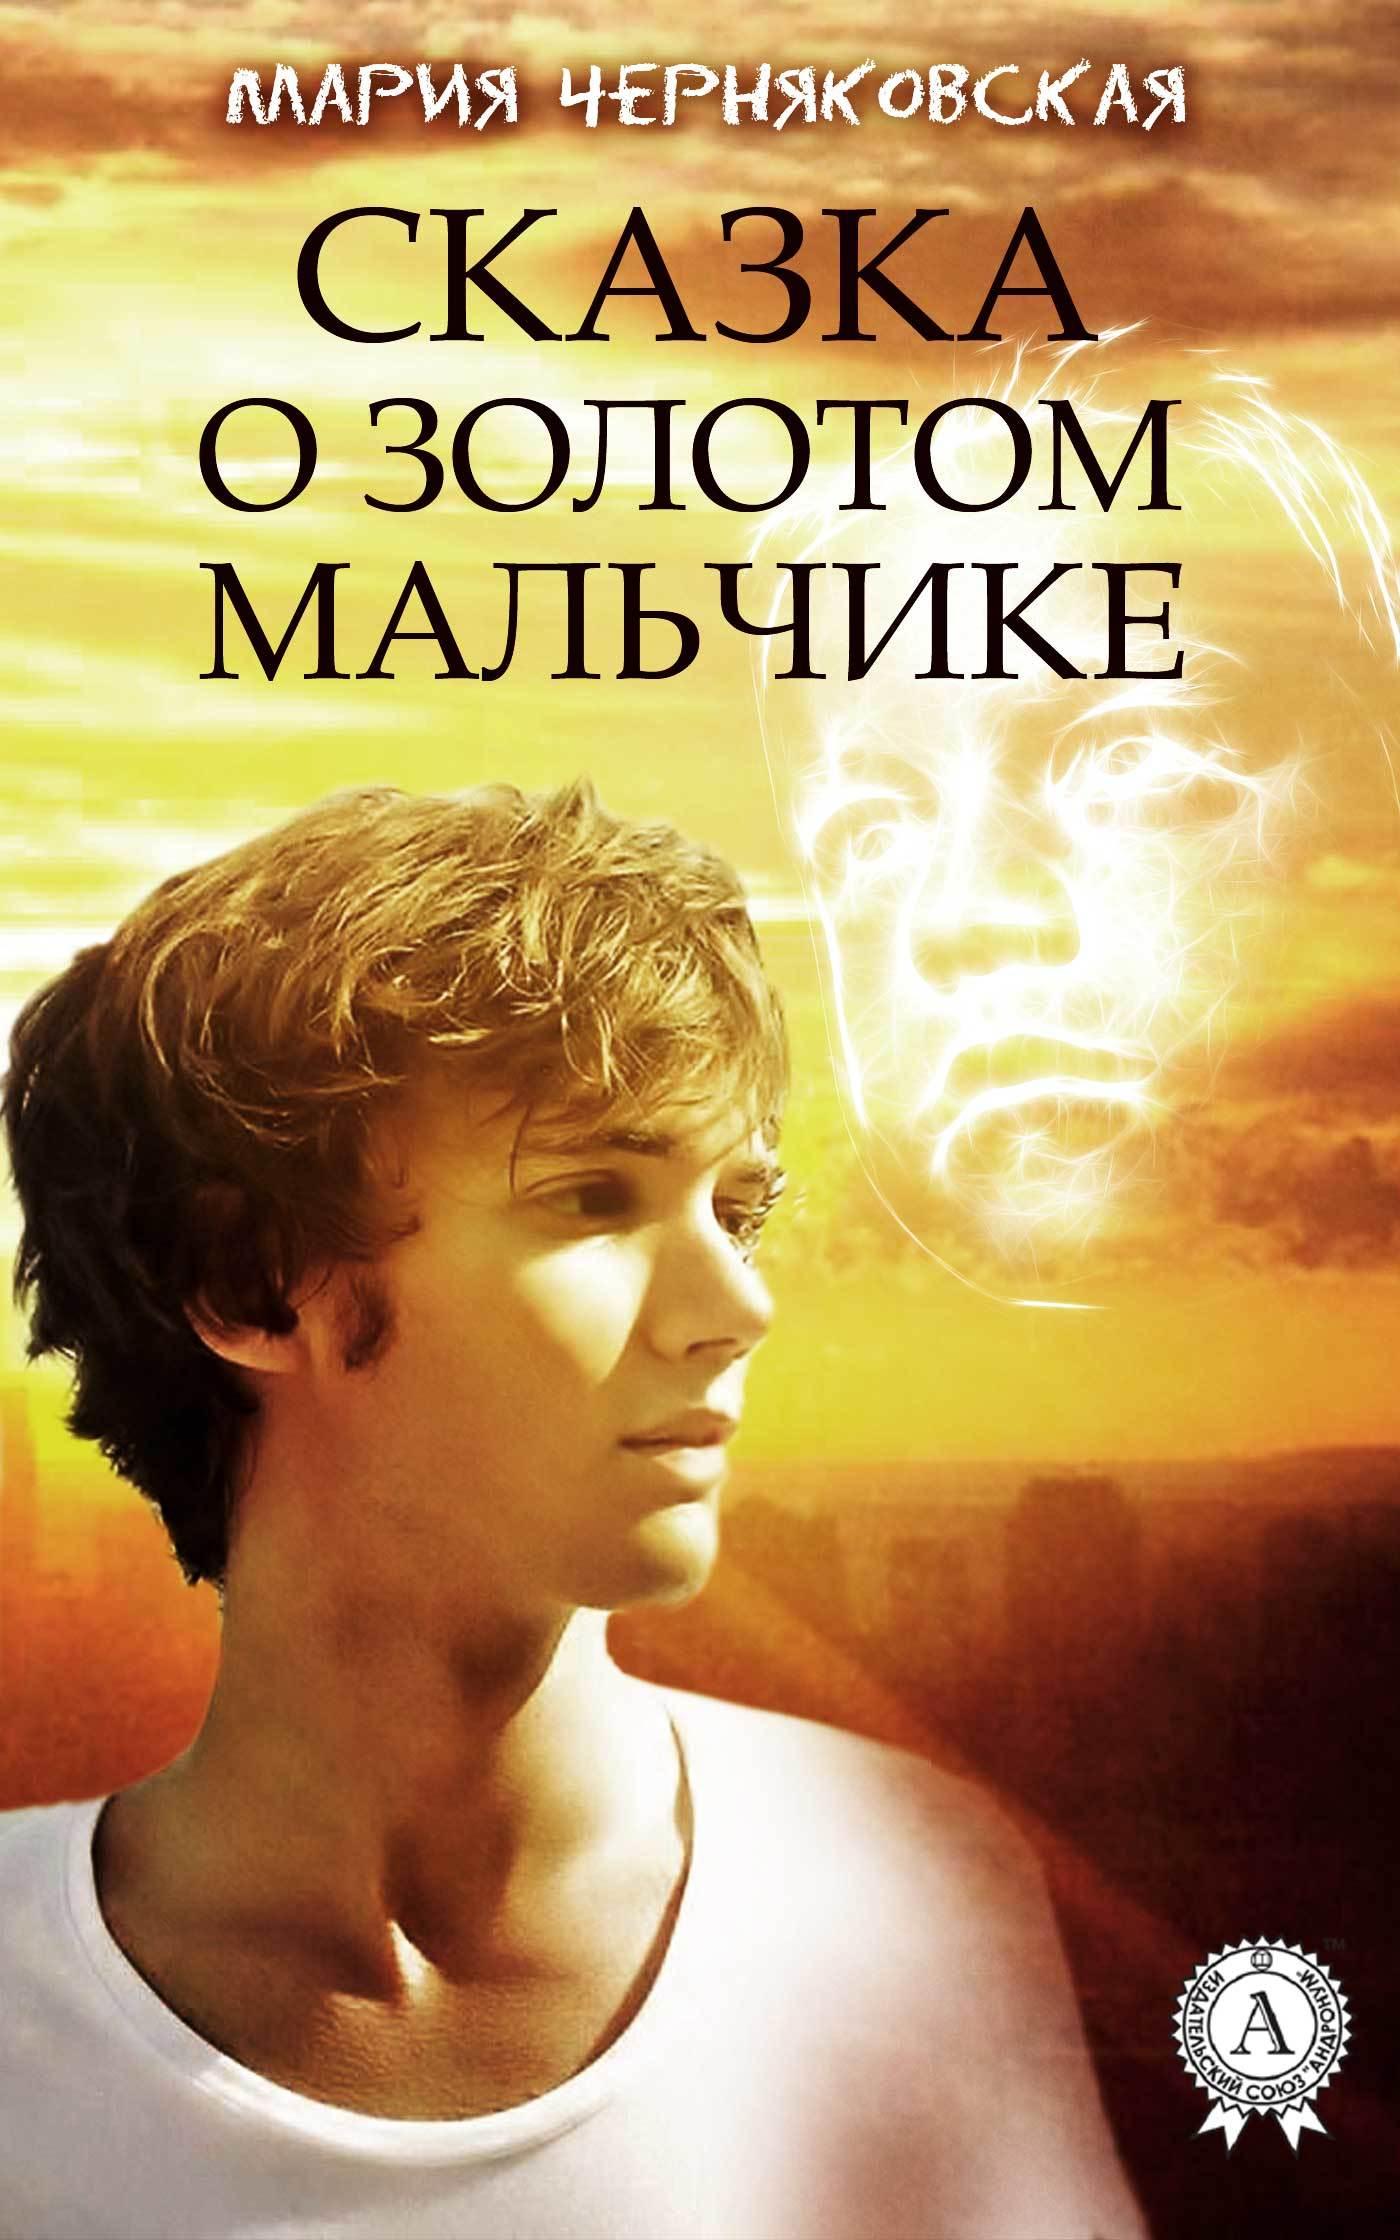 Мария Черняковская Сказка о золотом мальчике мария черняковская заледеневшая душа